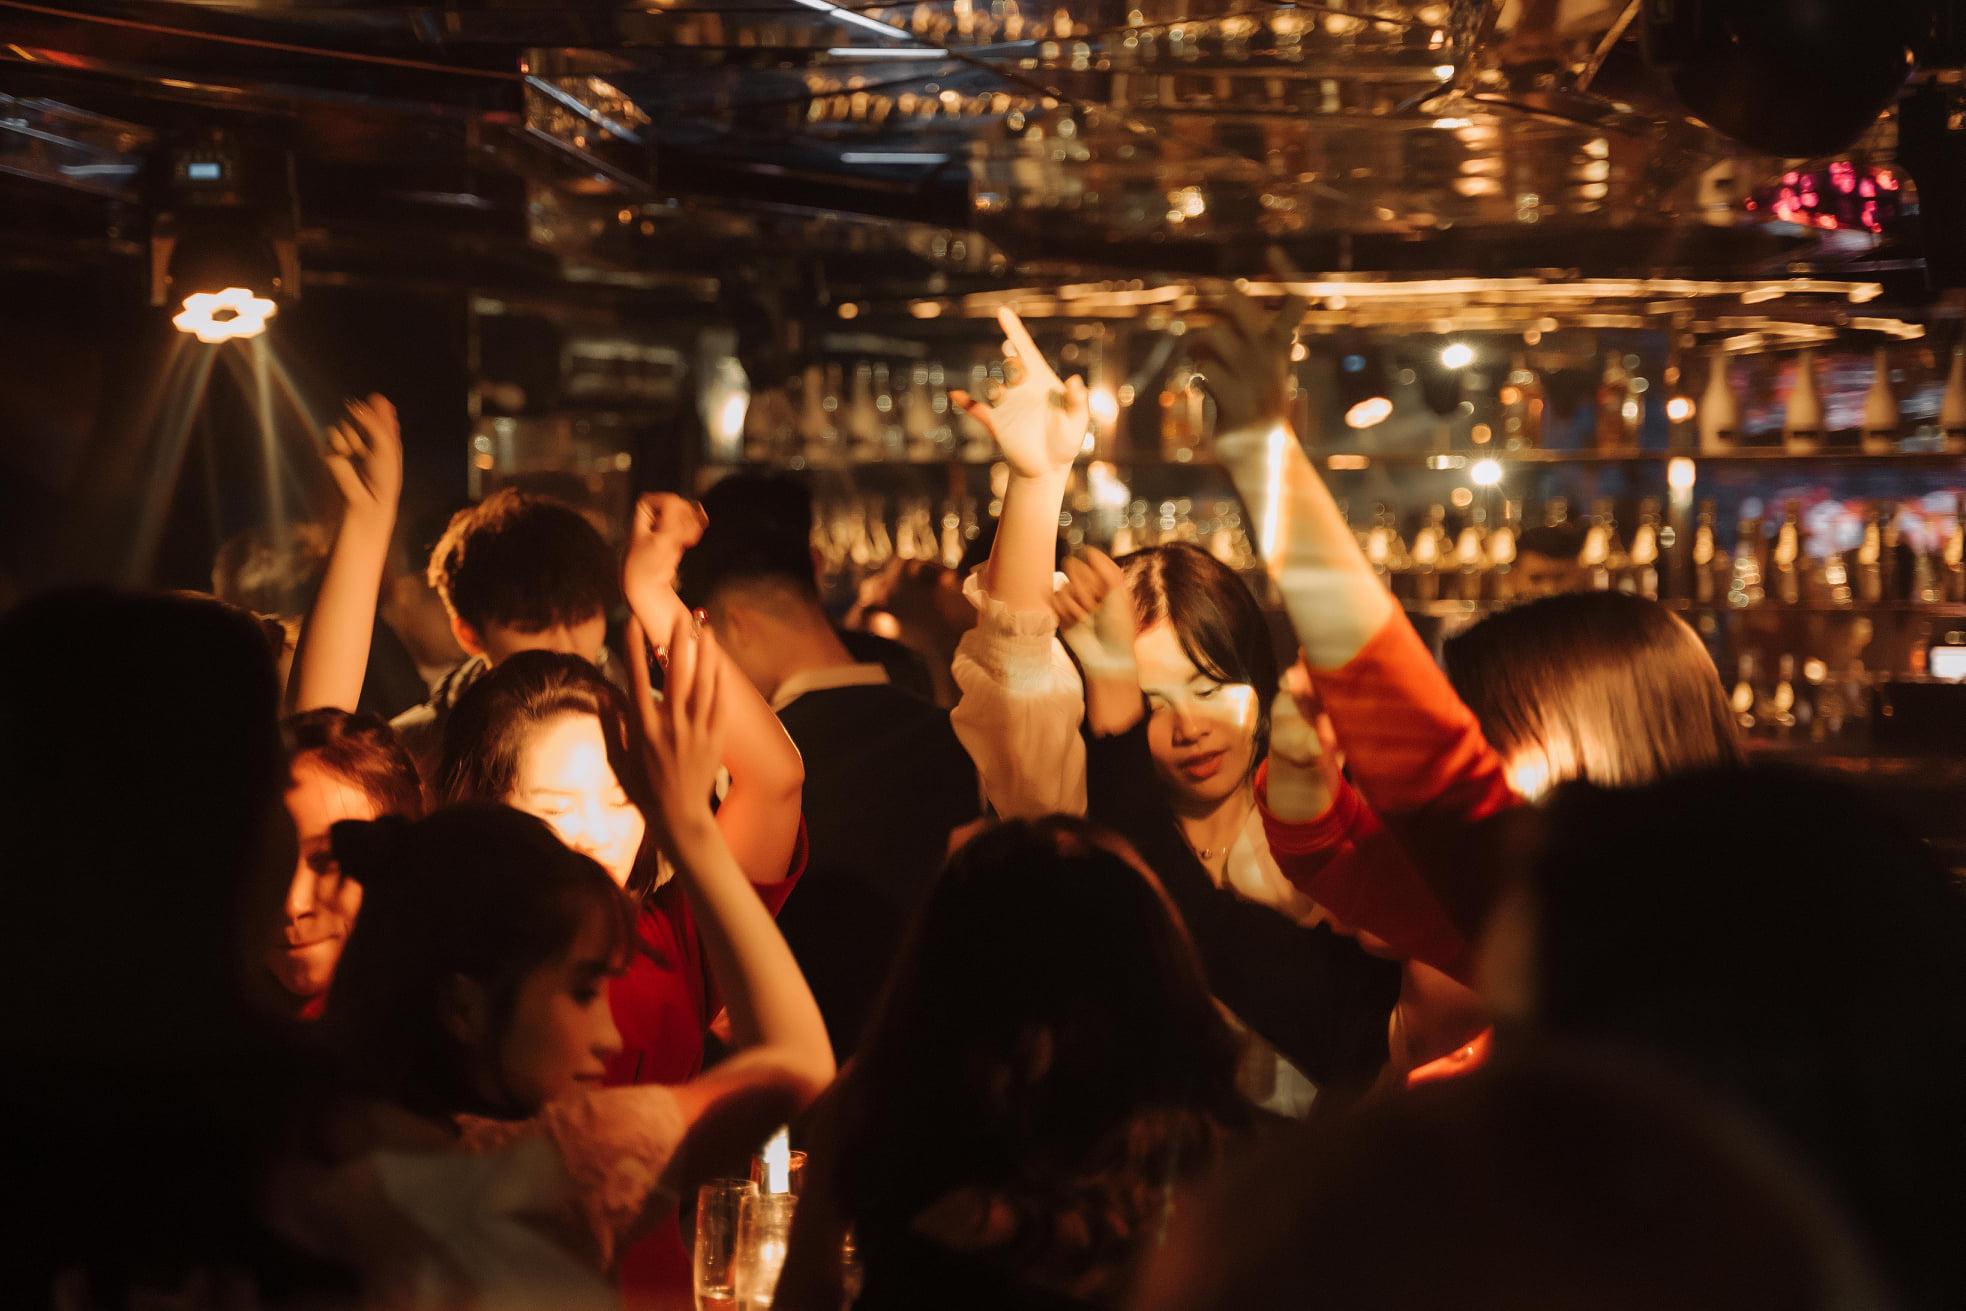 Lắp đặt hệ thống âm thanh cho quán bar đỉnh nhất – MAGIC Lounge